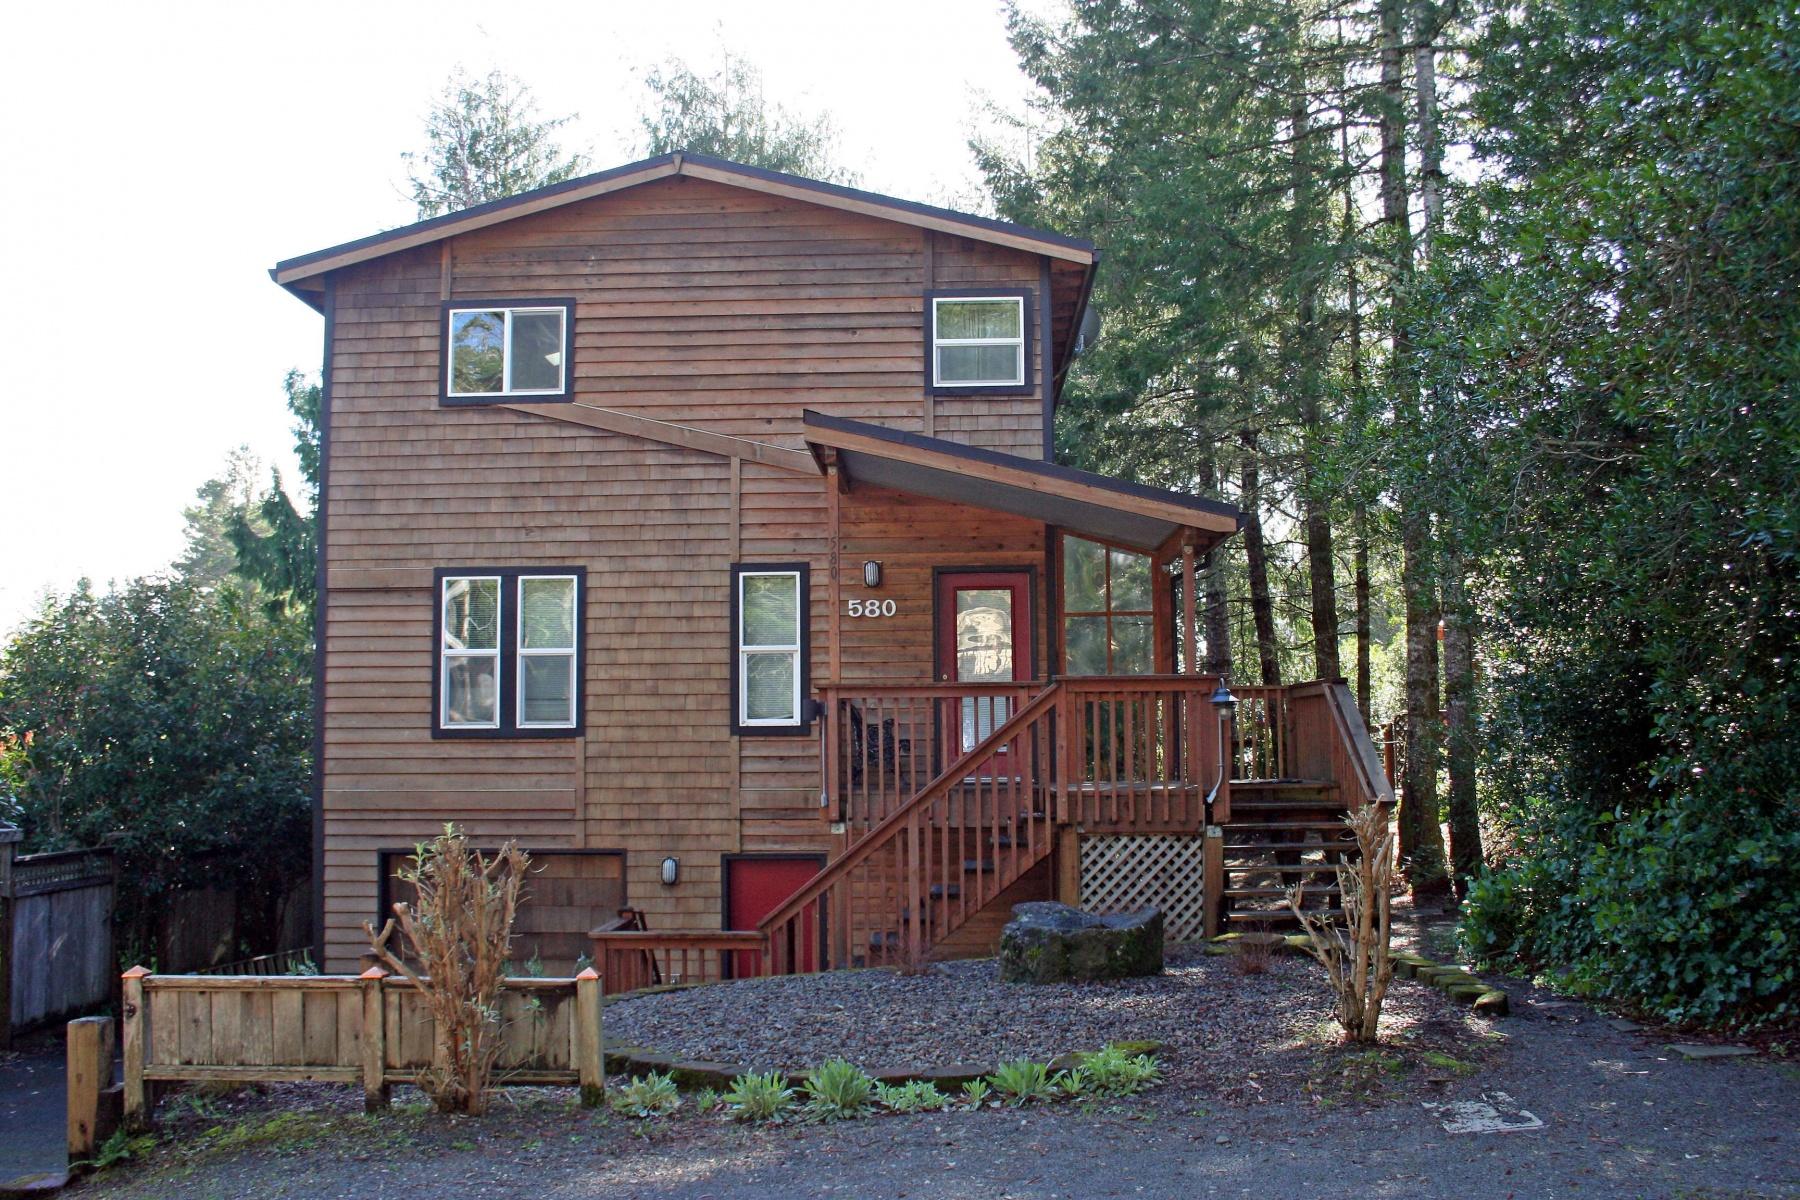 Nhà ở một gia đình vì Bán tại 580 FIR AVE, MANZANITA Manzanita, Oregon, 97130 Hoa Kỳ